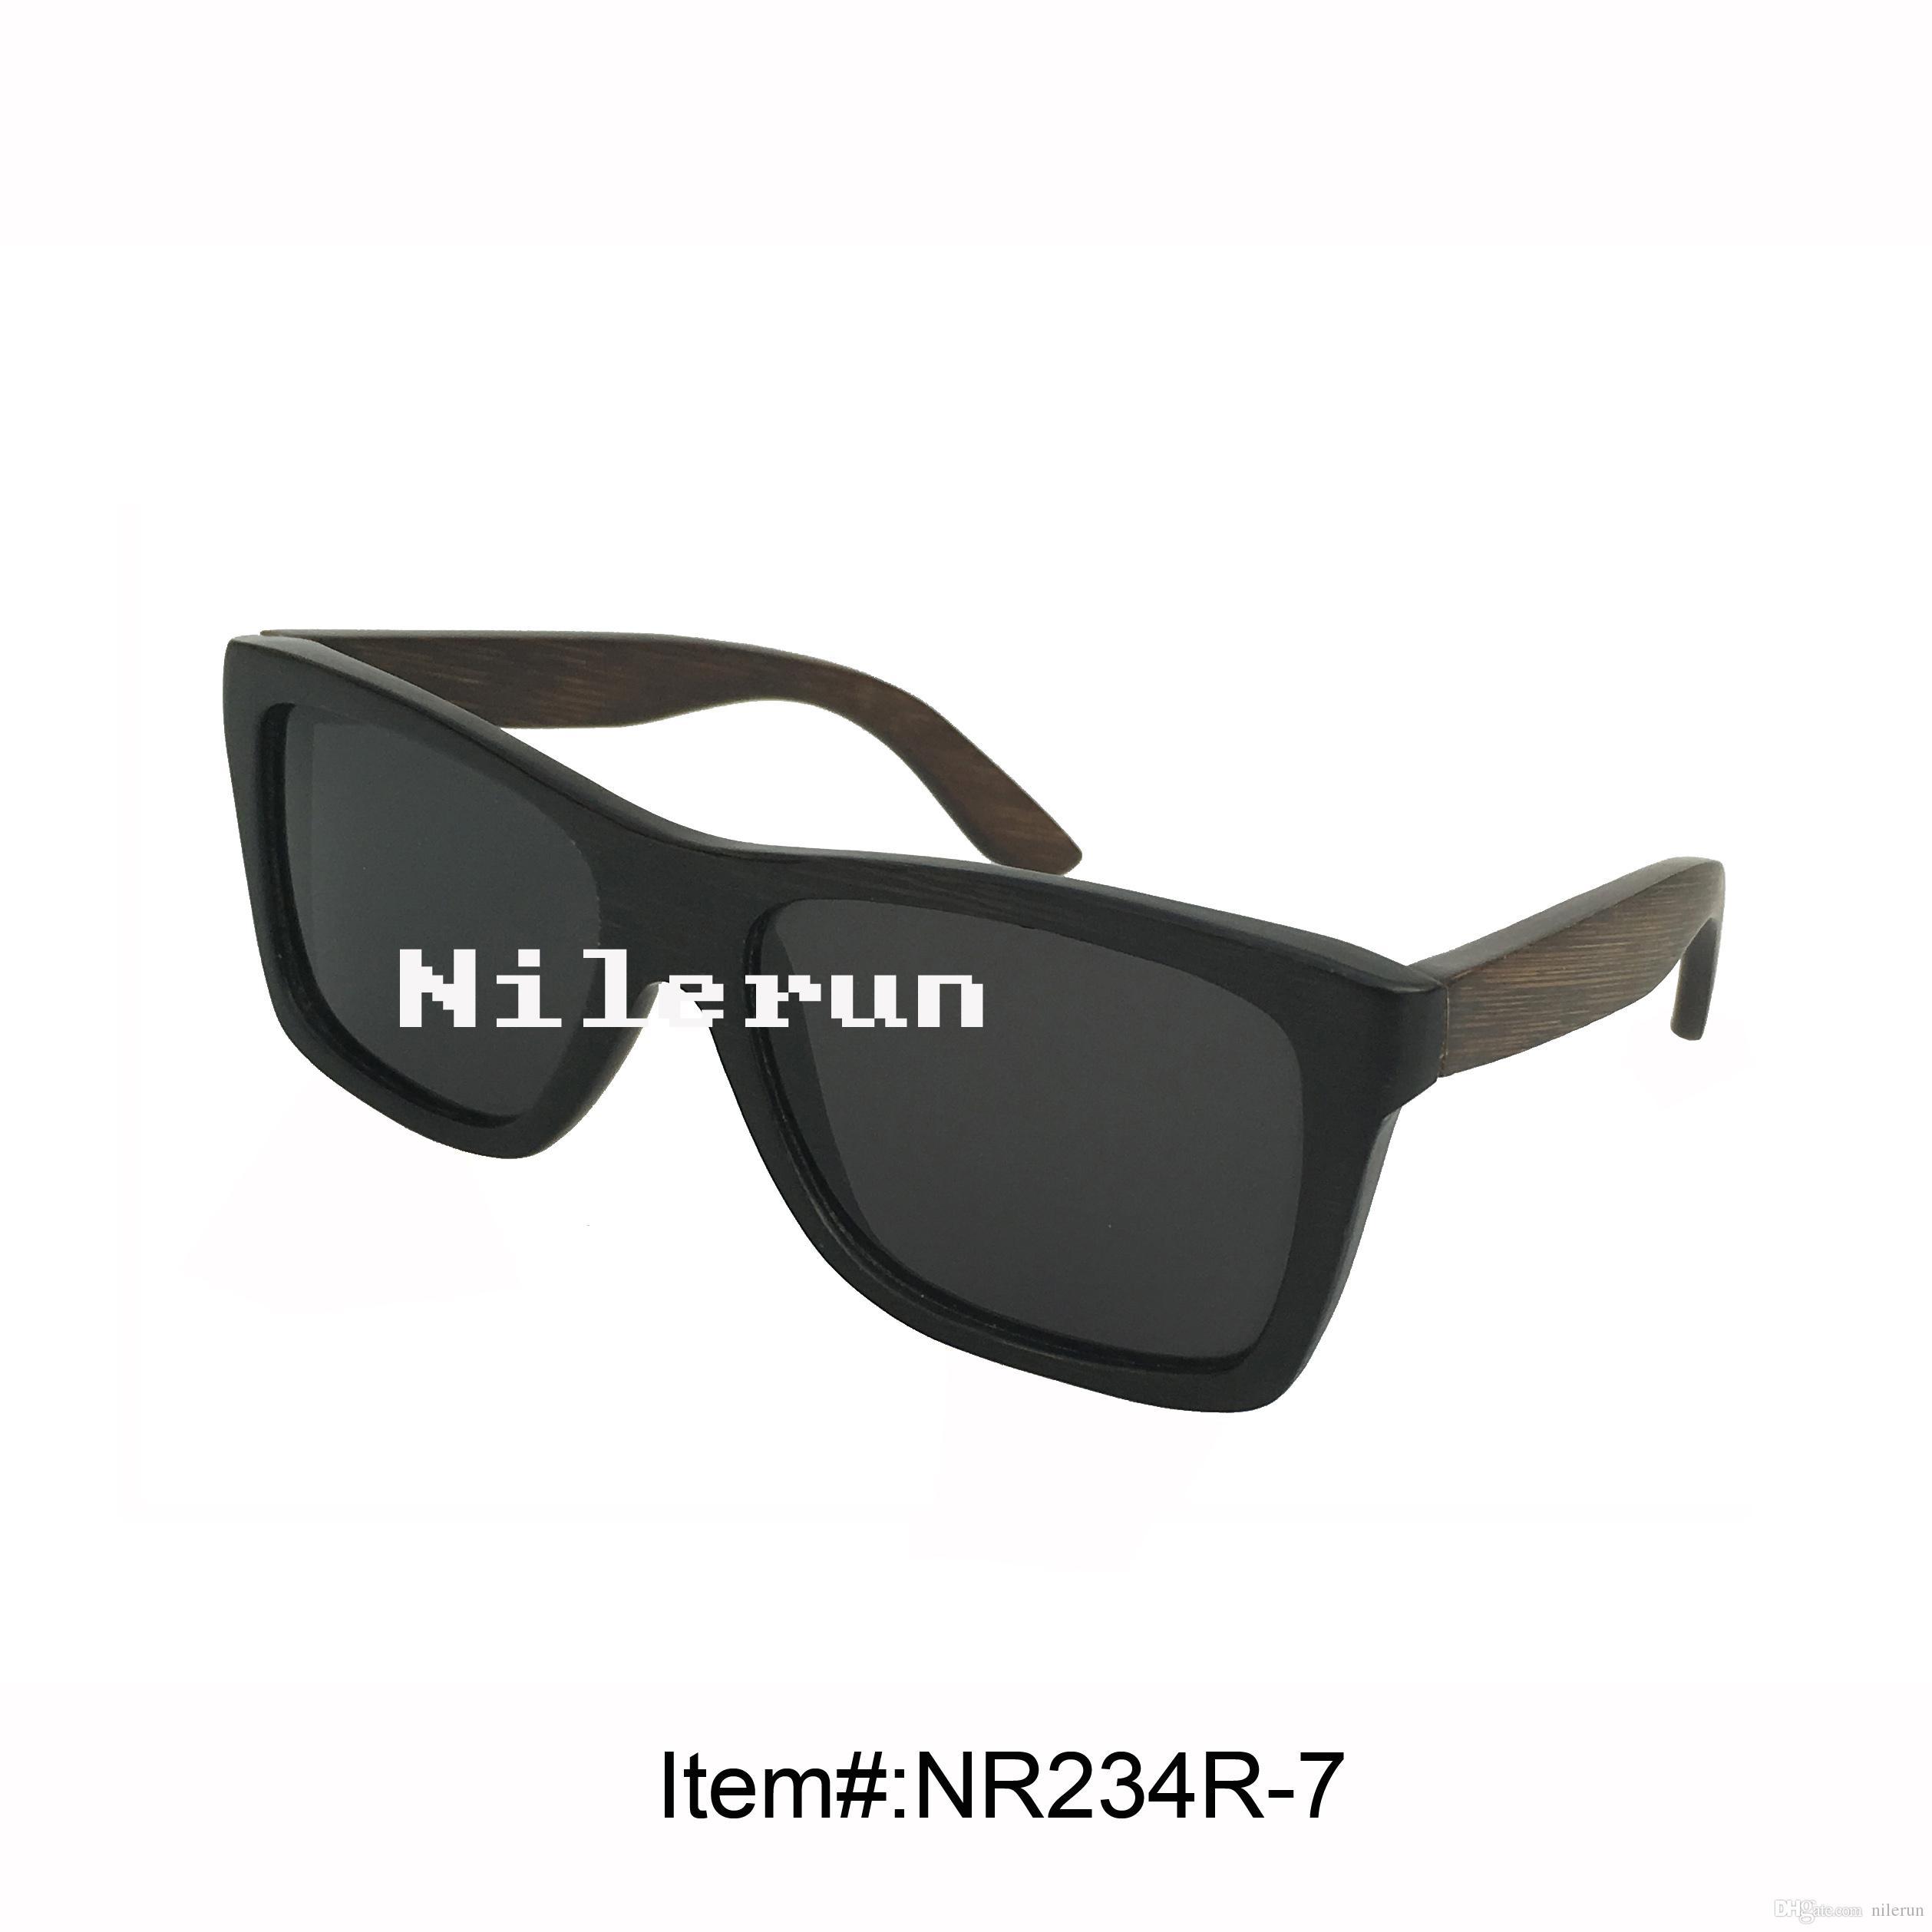 f3d18d1746 Compre Lentes Polarizadas Negras De Lujo Negro Gafas De Sol Negras De Bambú  Del Marco A $13.07 Del Nilerun | Dhgate.Com